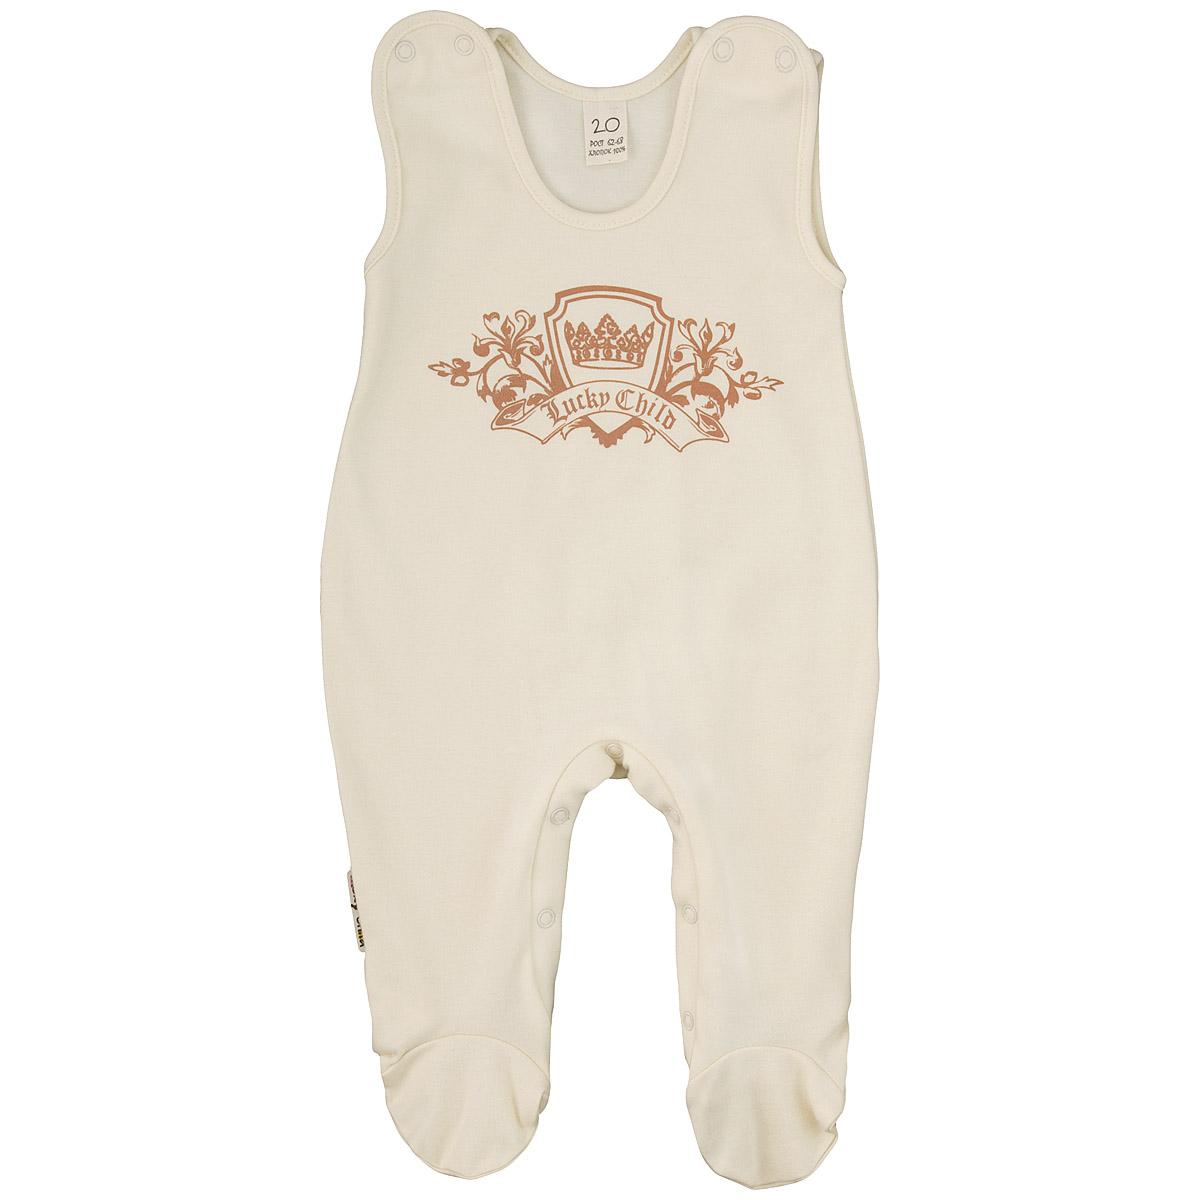 6-2Ползунки с грудкой Lucky Child - очень удобный и практичный вид одежды для малышей. Они отлично сочетаются с футболками и кофточками. Ползунки выполнены из интерлока - натурального хлопка, благодаря чему они необычайно мягкие и приятные на ощупь, не раздражают нежную кожу ребенка и хорошо вентилируются, а эластичные швы приятны телу малыша и не препятствуют его движениям. Ползунки с закрытыми ножками, застегивающиеся сверху на кнопки, идеально подойдут вашему малышу, обеспечивая ему наибольший комфорт, подходят для ношения с подгузником и без него. Кнопки на ластовице помогают легко и без труда поменять подгузник в течение дня. На груди они оформлены оригинальным принтом в виде логотипа бренда. Ползунки с грудкой полностью соответствуют особенностям жизни малыша в ранний период, не стесняя и не ограничивая его в движениях!